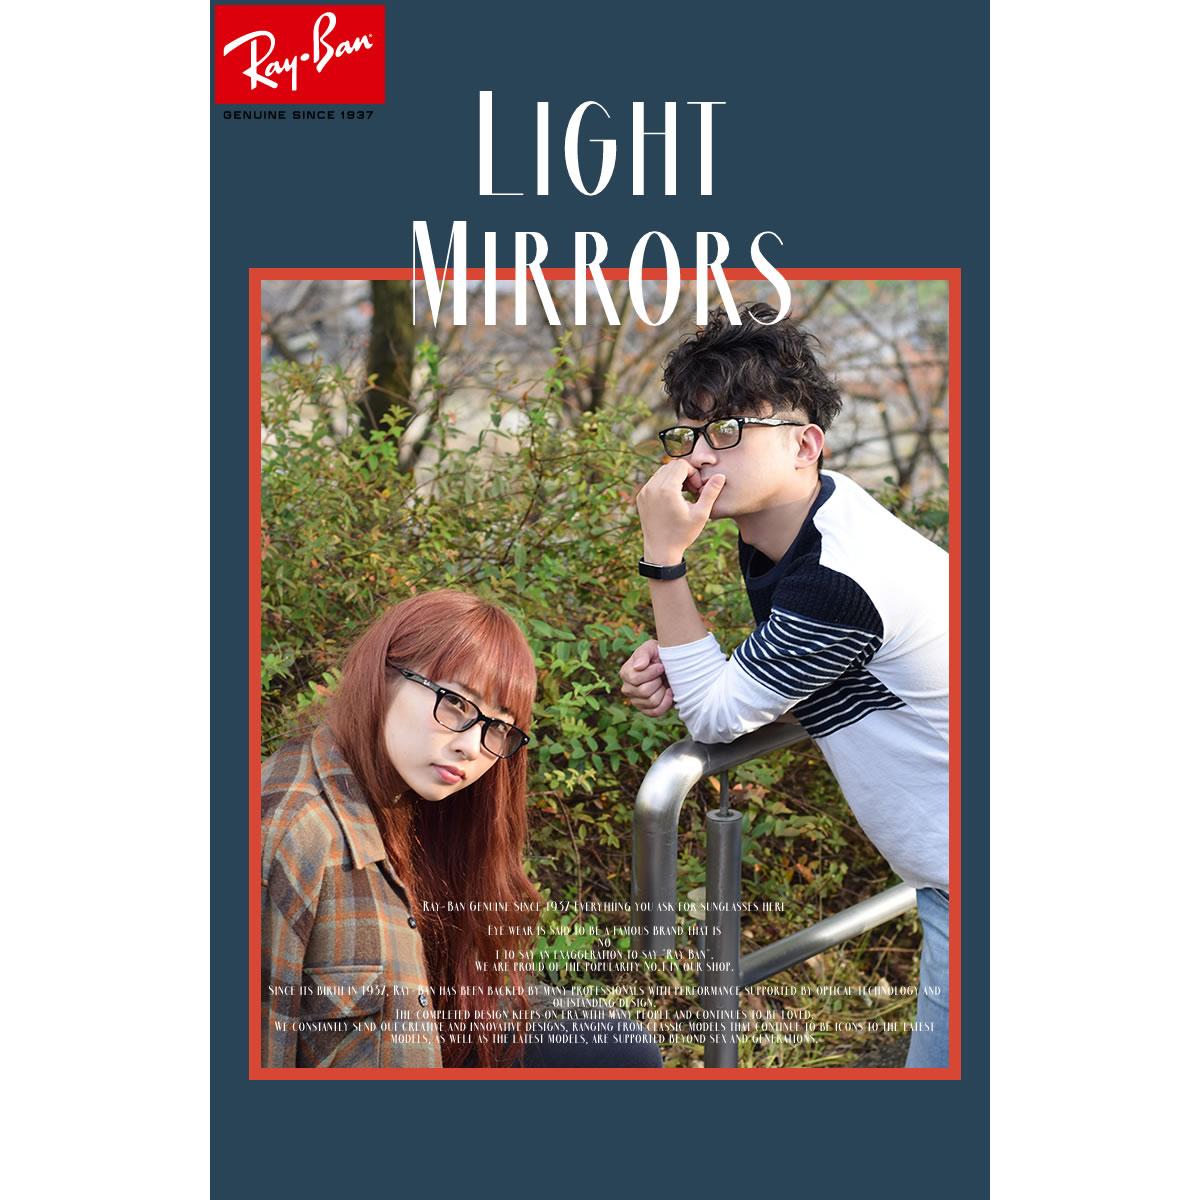 Ray-Ban レイバン メガネRX5345D 2000 LIGHT MIRRORS 53サイズRX5345D 2000 ライトミラーレンズセット 黒縁 反射 芸能人御用達モデル ブルーライトカットレイバン RayBan メンズ レディース